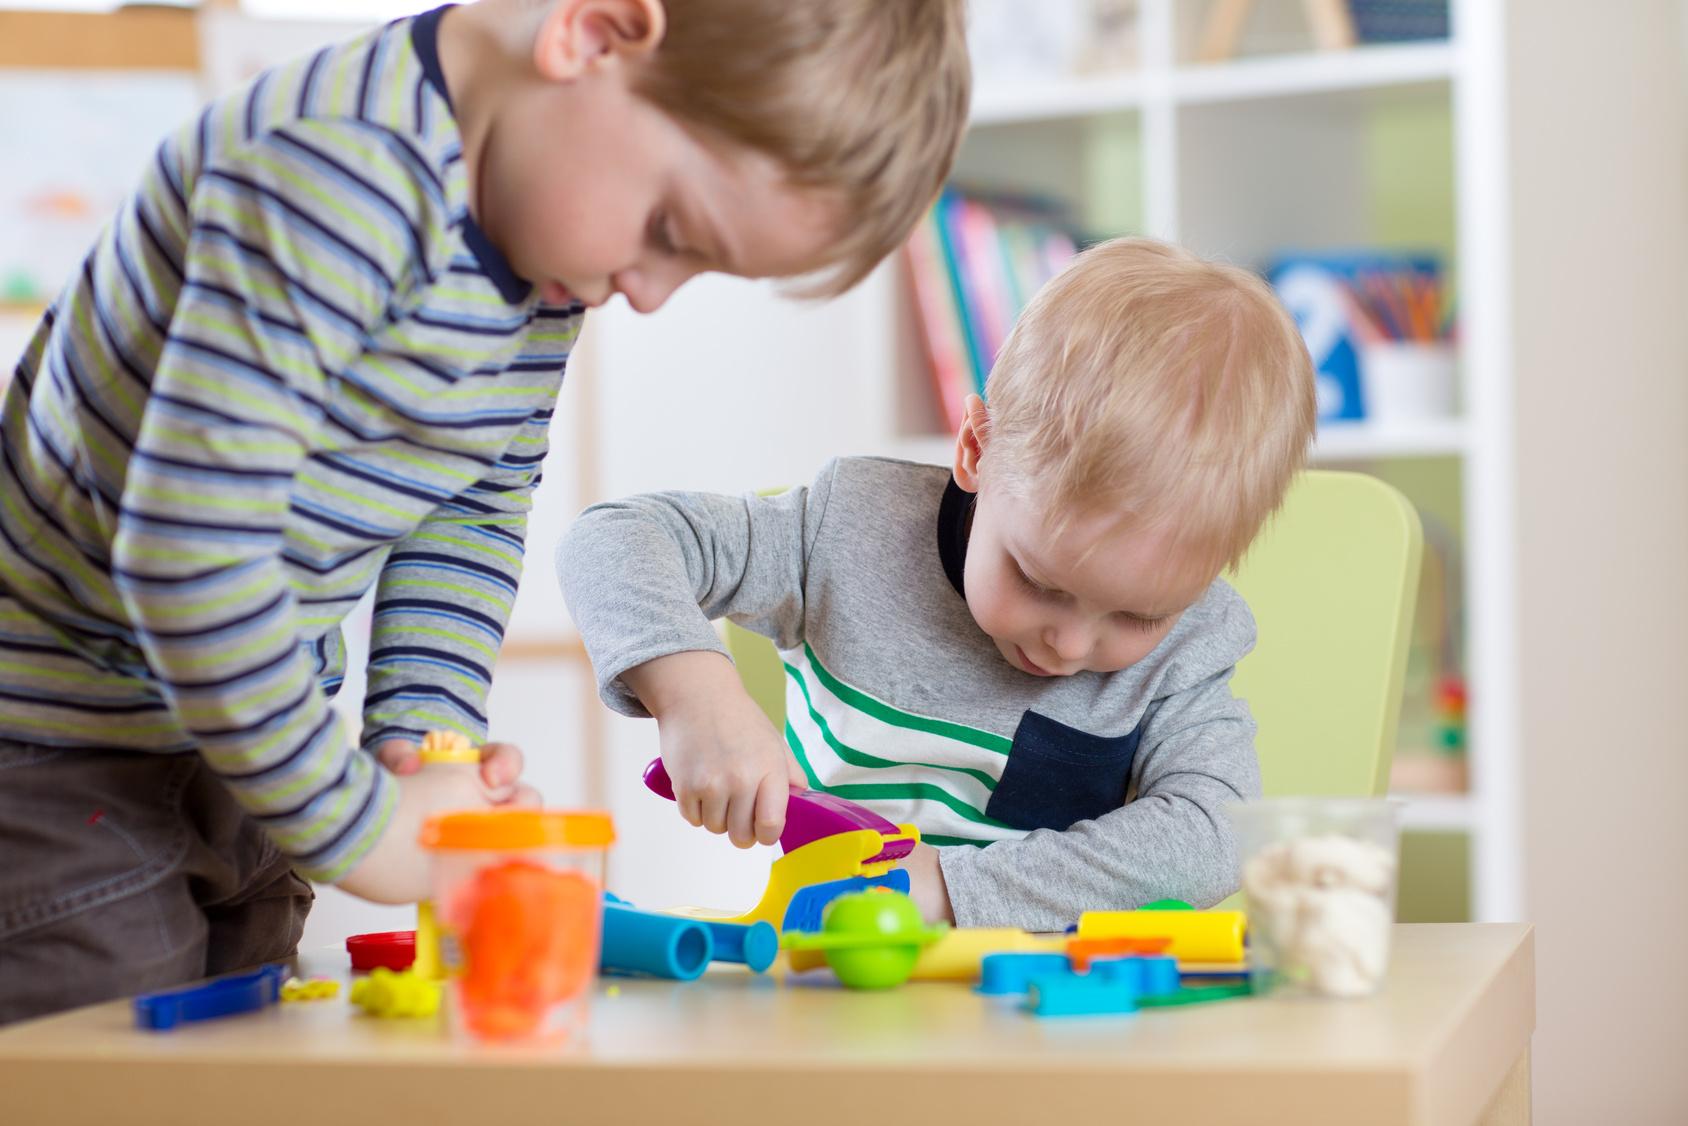 12 Activités Psychomotrices Pour Les 0-3 Ans - Nanny Secours encequiconcerne Activités Éducatives Pour Les 0 2 Ans